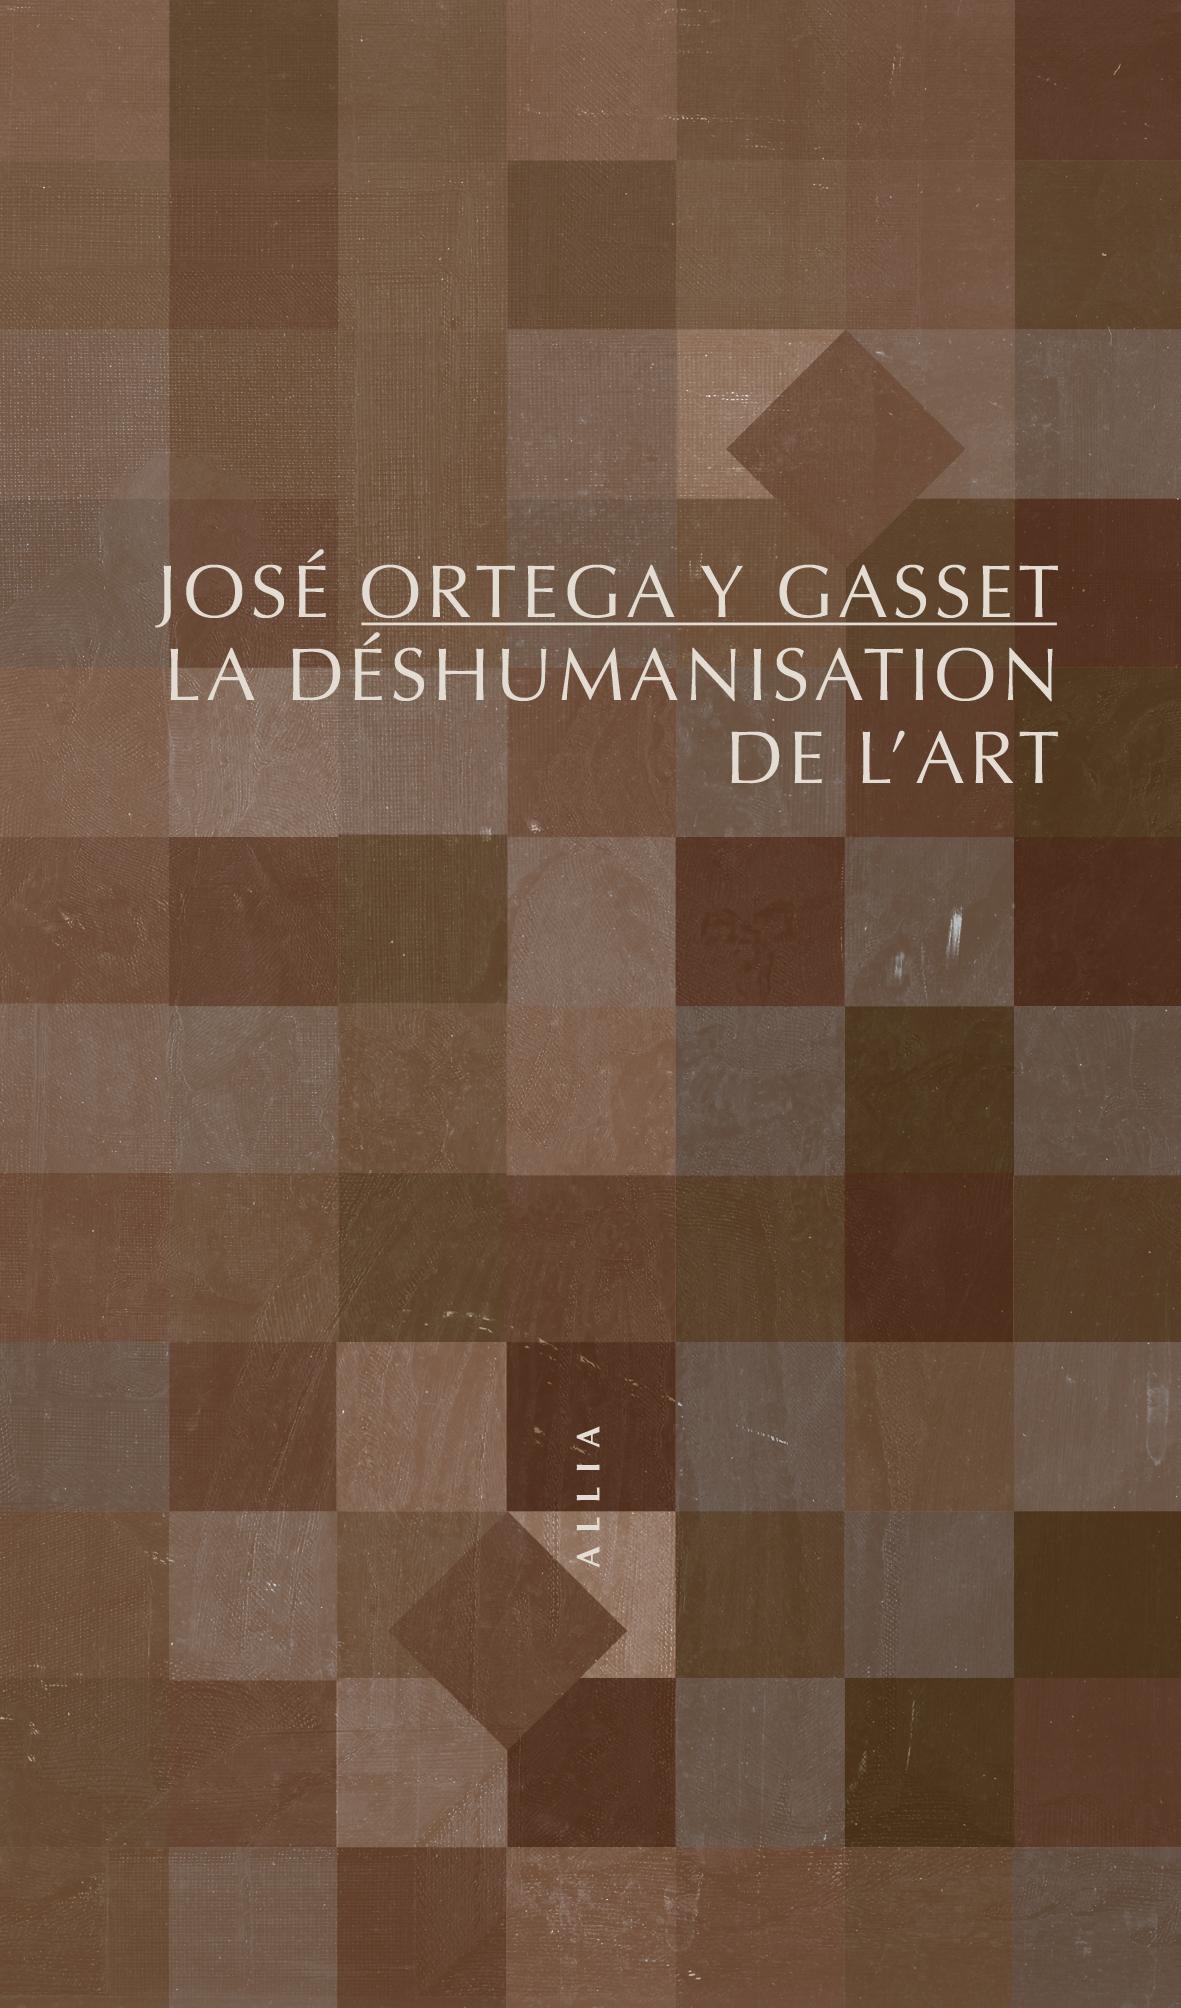 J.Ortega y Gasset,La Déshumanisation de l'art